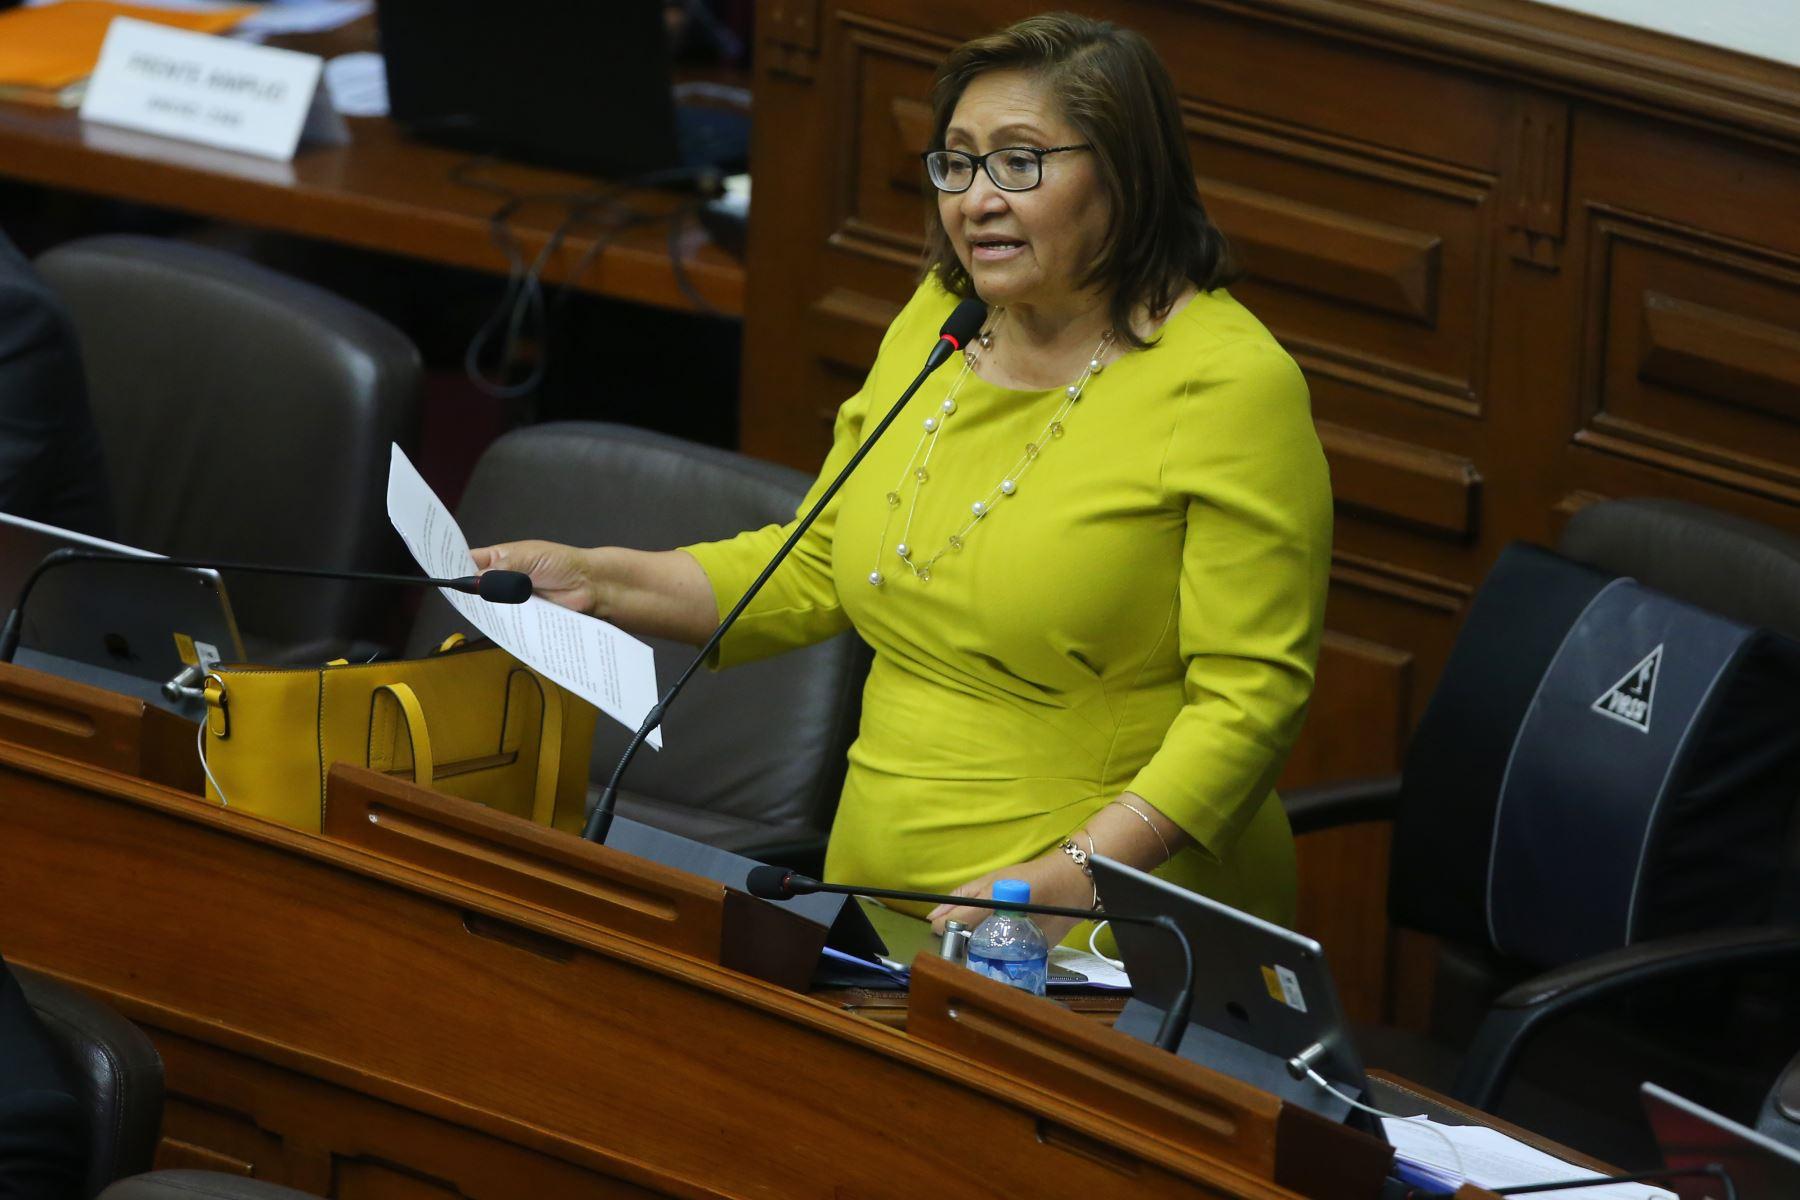 Congresista Ana María Choquehuanca interviene en el debate sobre la cuestión de confianza en el Congreso de la República. Foto: ANDINA/Vidal Tarqui